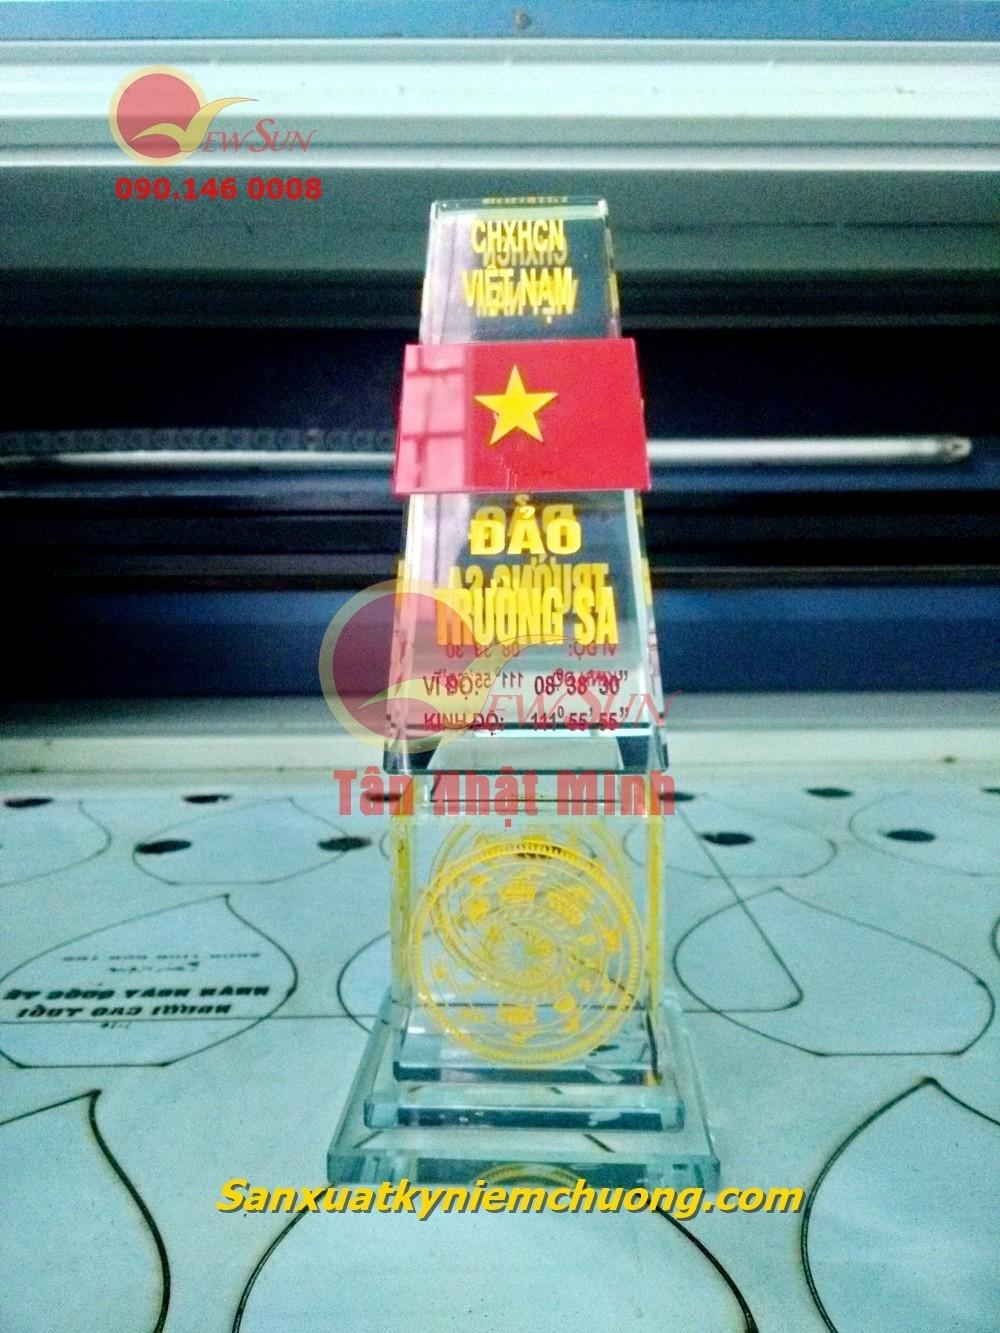 ** XƯỞNG SẢN XUẤT { Cúp thủy tinh giá rẻ} Tân Nhật Minh - 0901460008